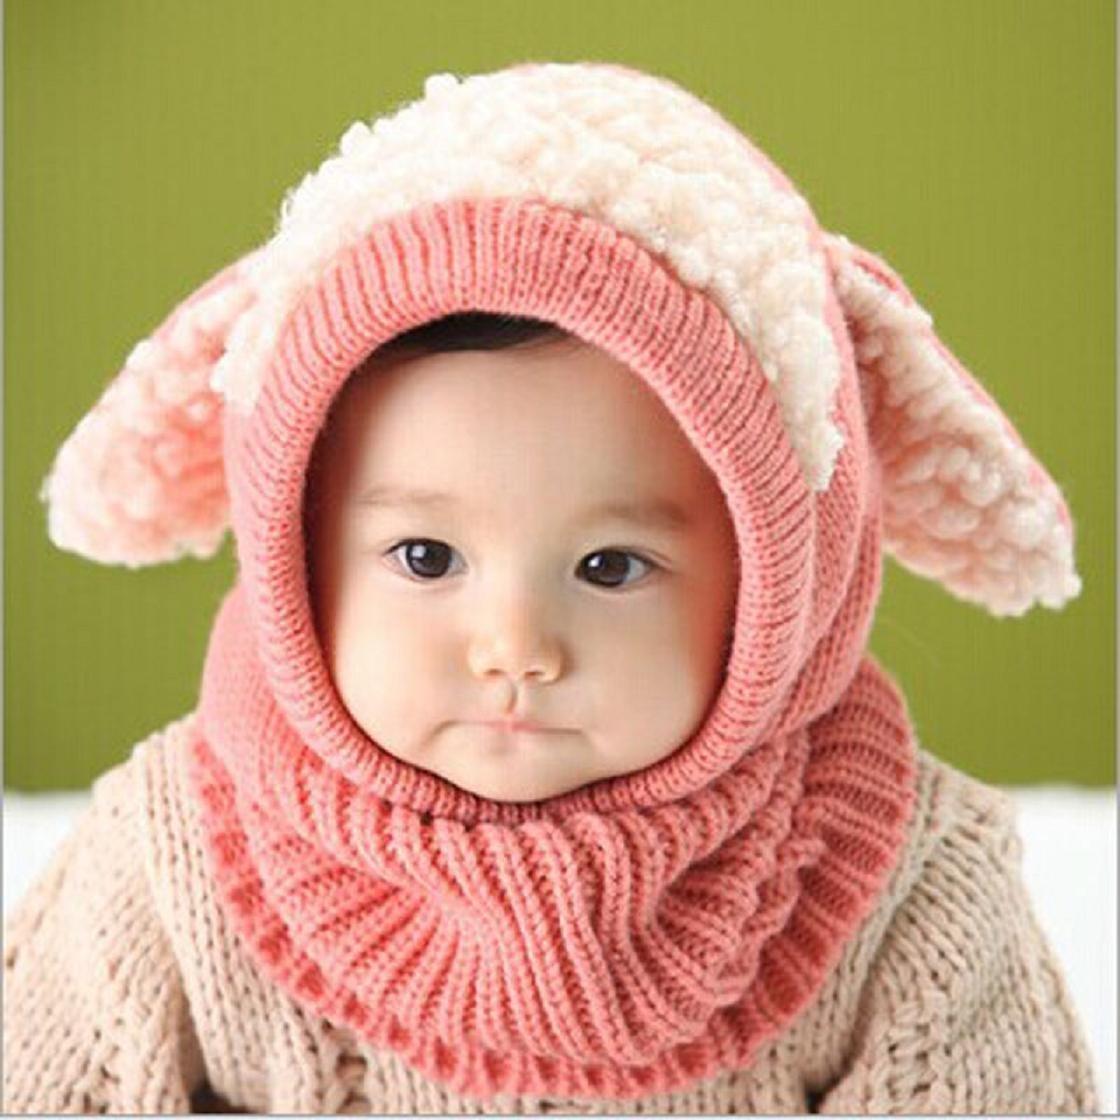 dc423966abcc SevenPanda Enfants Casquette Manteau Tricot Capuche Cagoule hiver en laine  tricotés chapeaux bébé des Filles Garçons